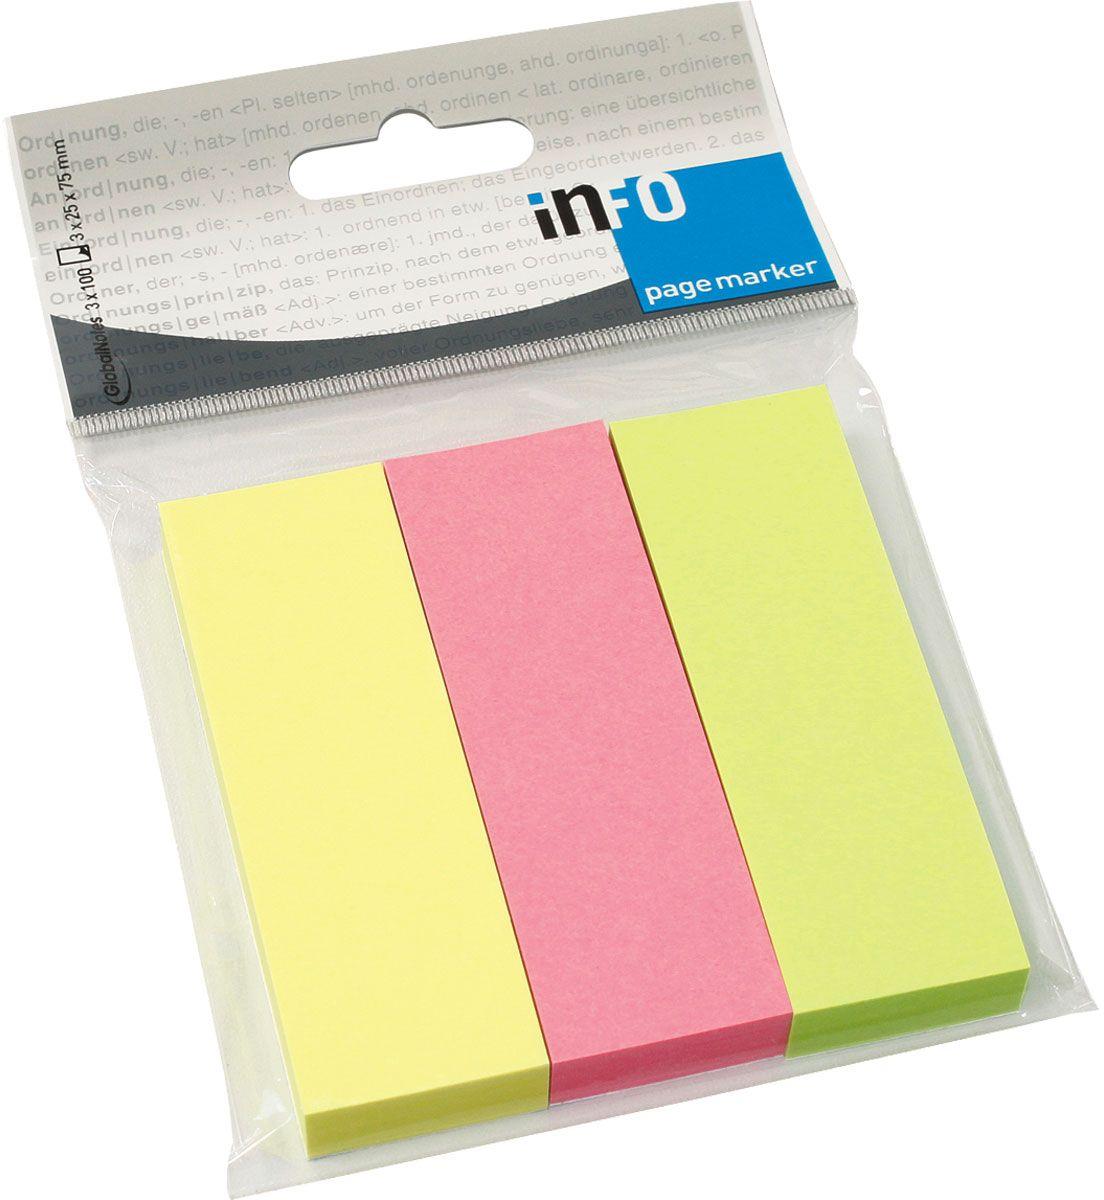 Global Notes Блок-закладка с липким слоем 300 листов0703415Бумажные закладки с липким слоем предназначены для наиболее эффективного выделения важной информации без повреждения книги или документа. Идеально подходят для быстрой и эффективной работы - просто выдели и найди. Размер 25х75 мм. 100 листов, 3 цветаТолщина бумаги 50 мкр.